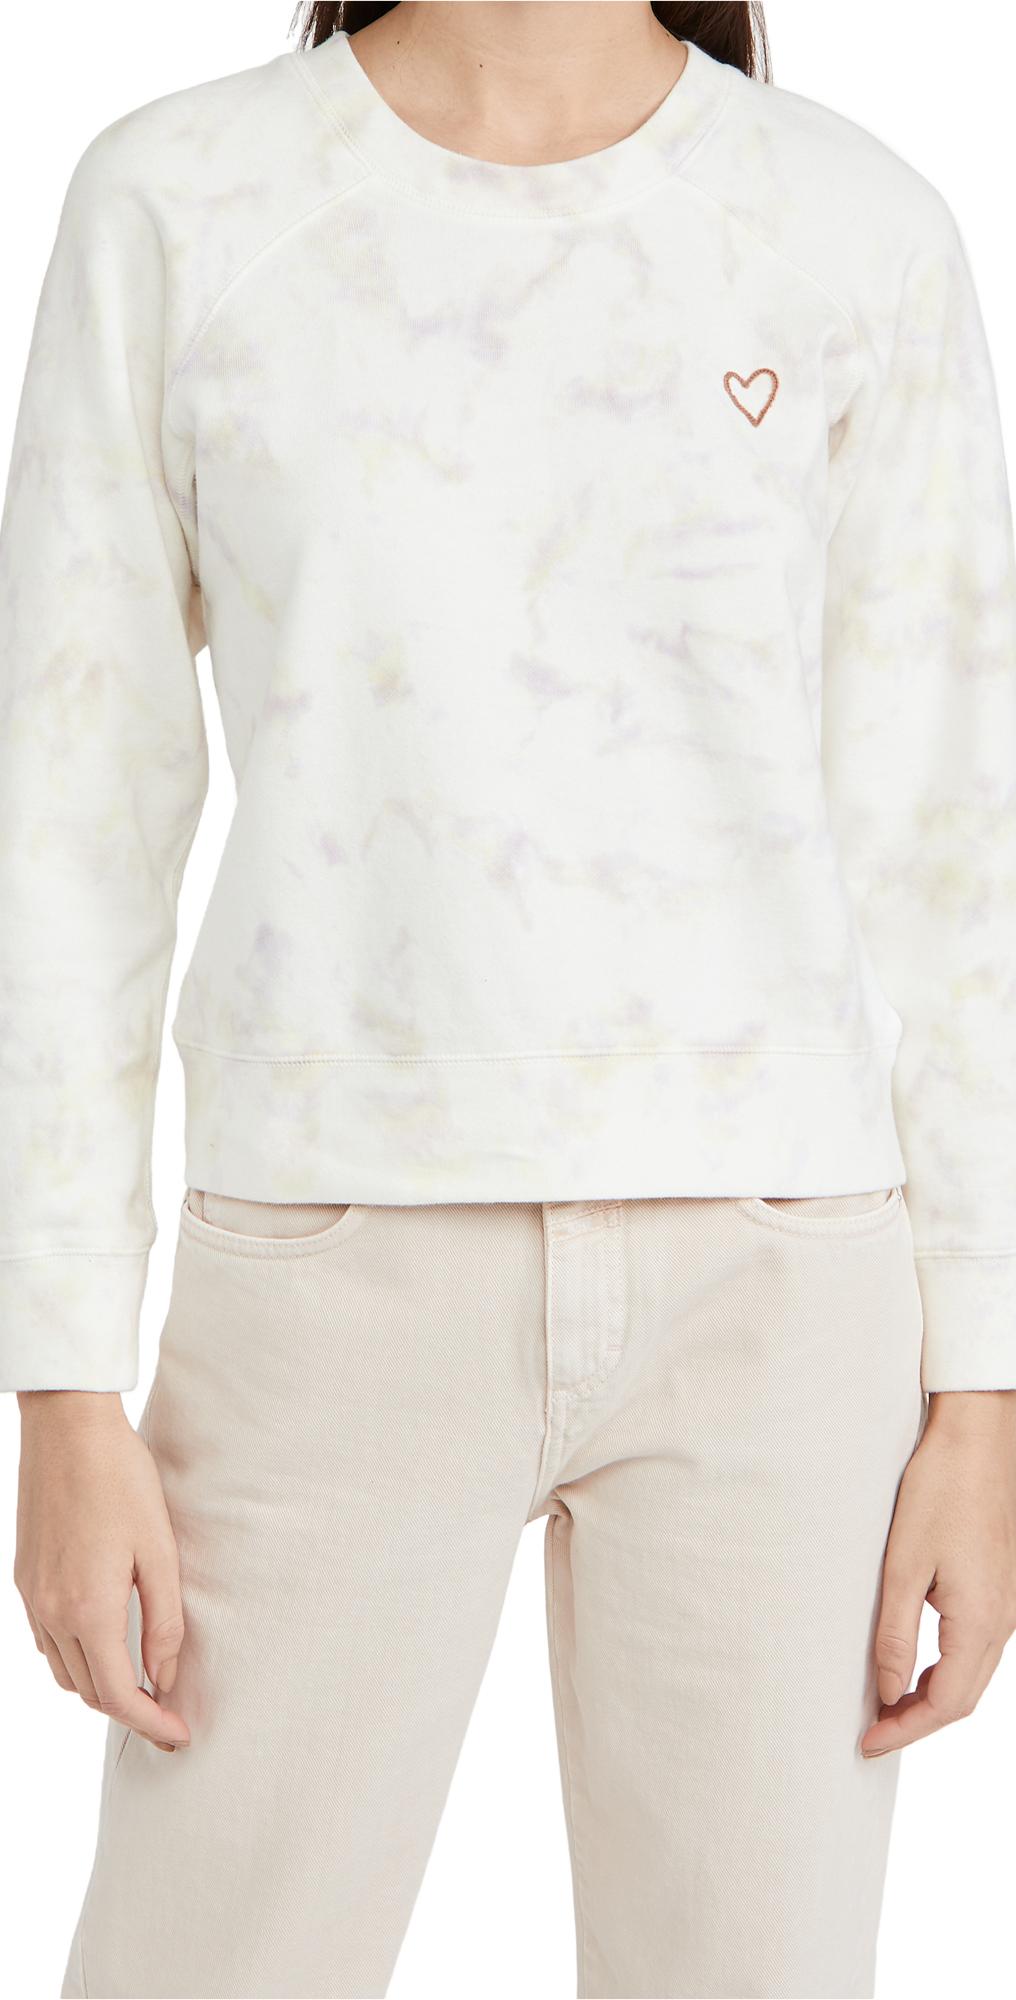 Madewell Tie Dye Sweatshirt